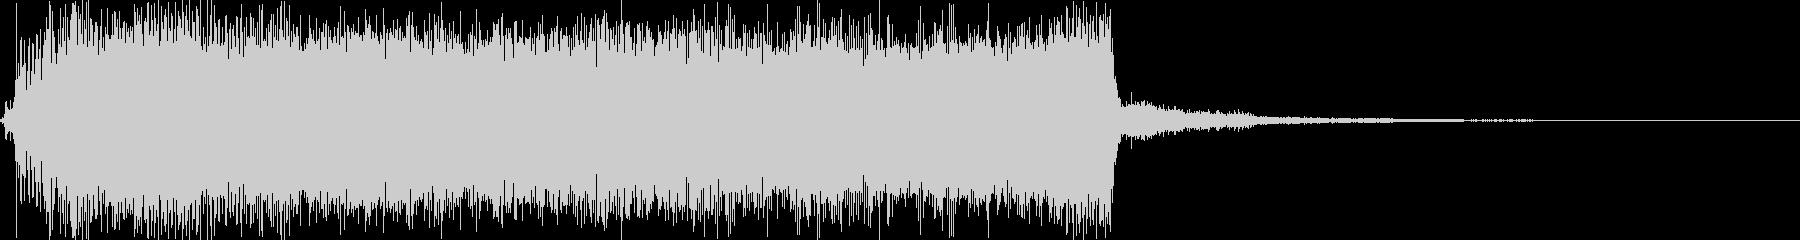 チェーンソーの音の未再生の波形